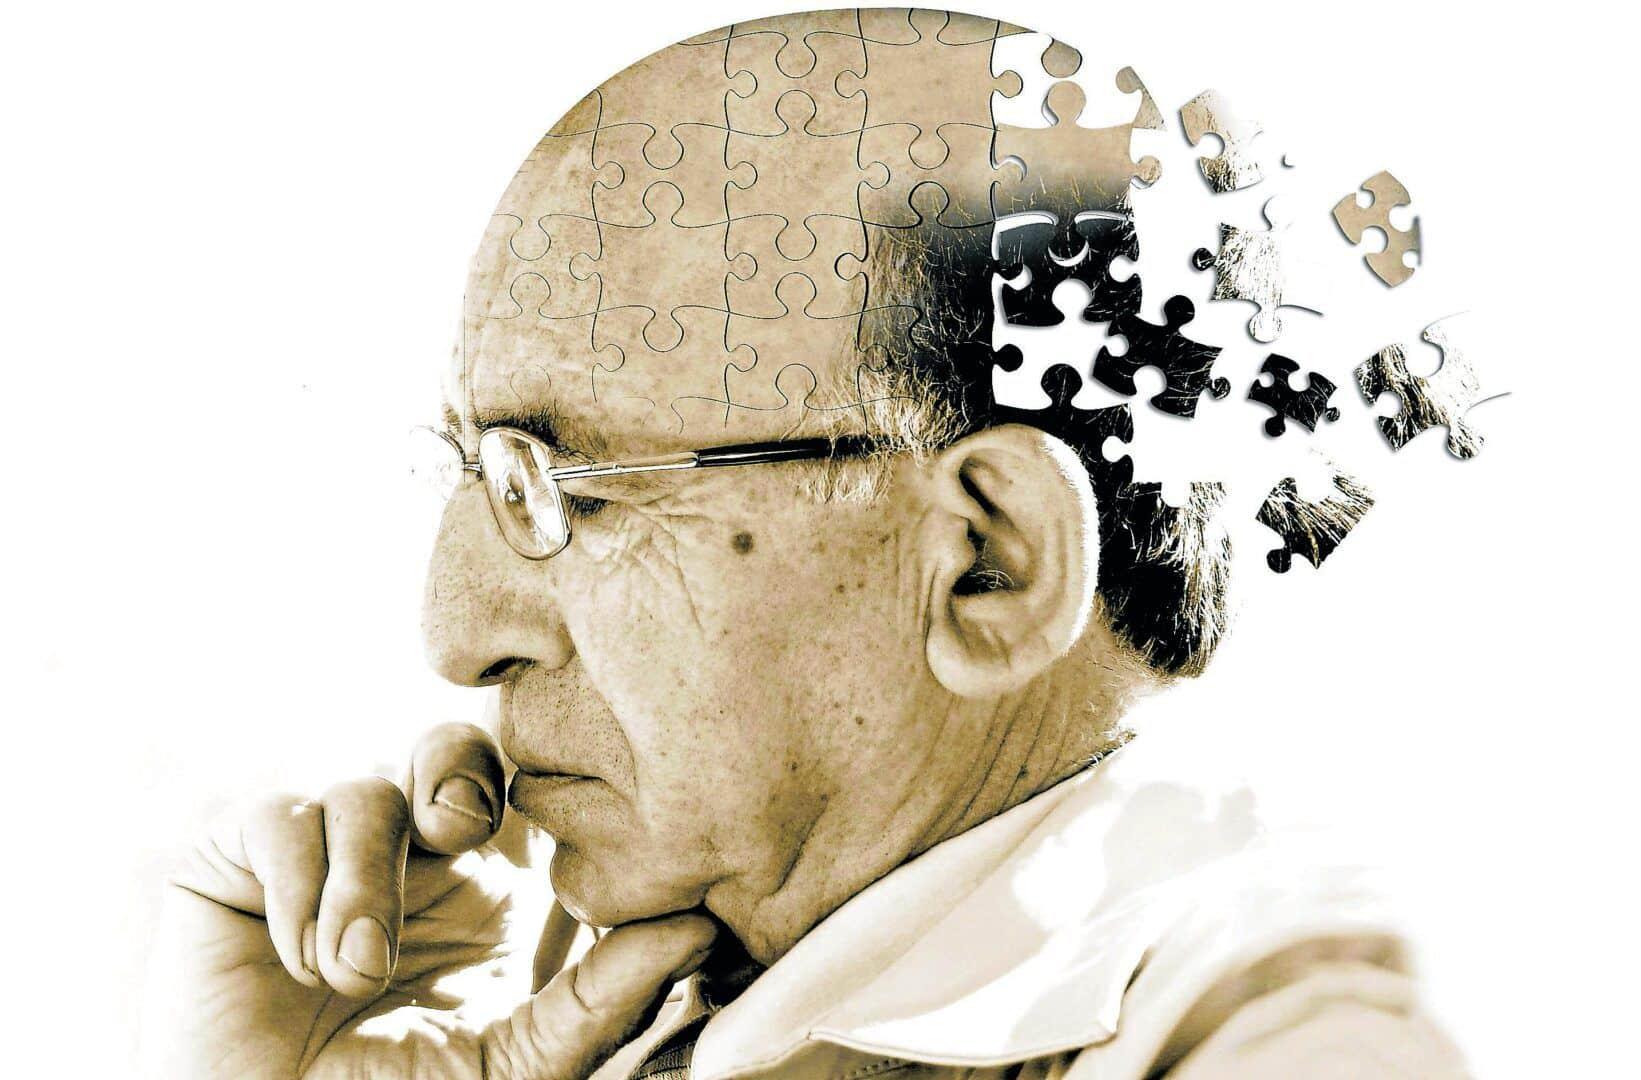 Perder a memória é possível? 10 situações que podem causar o problema